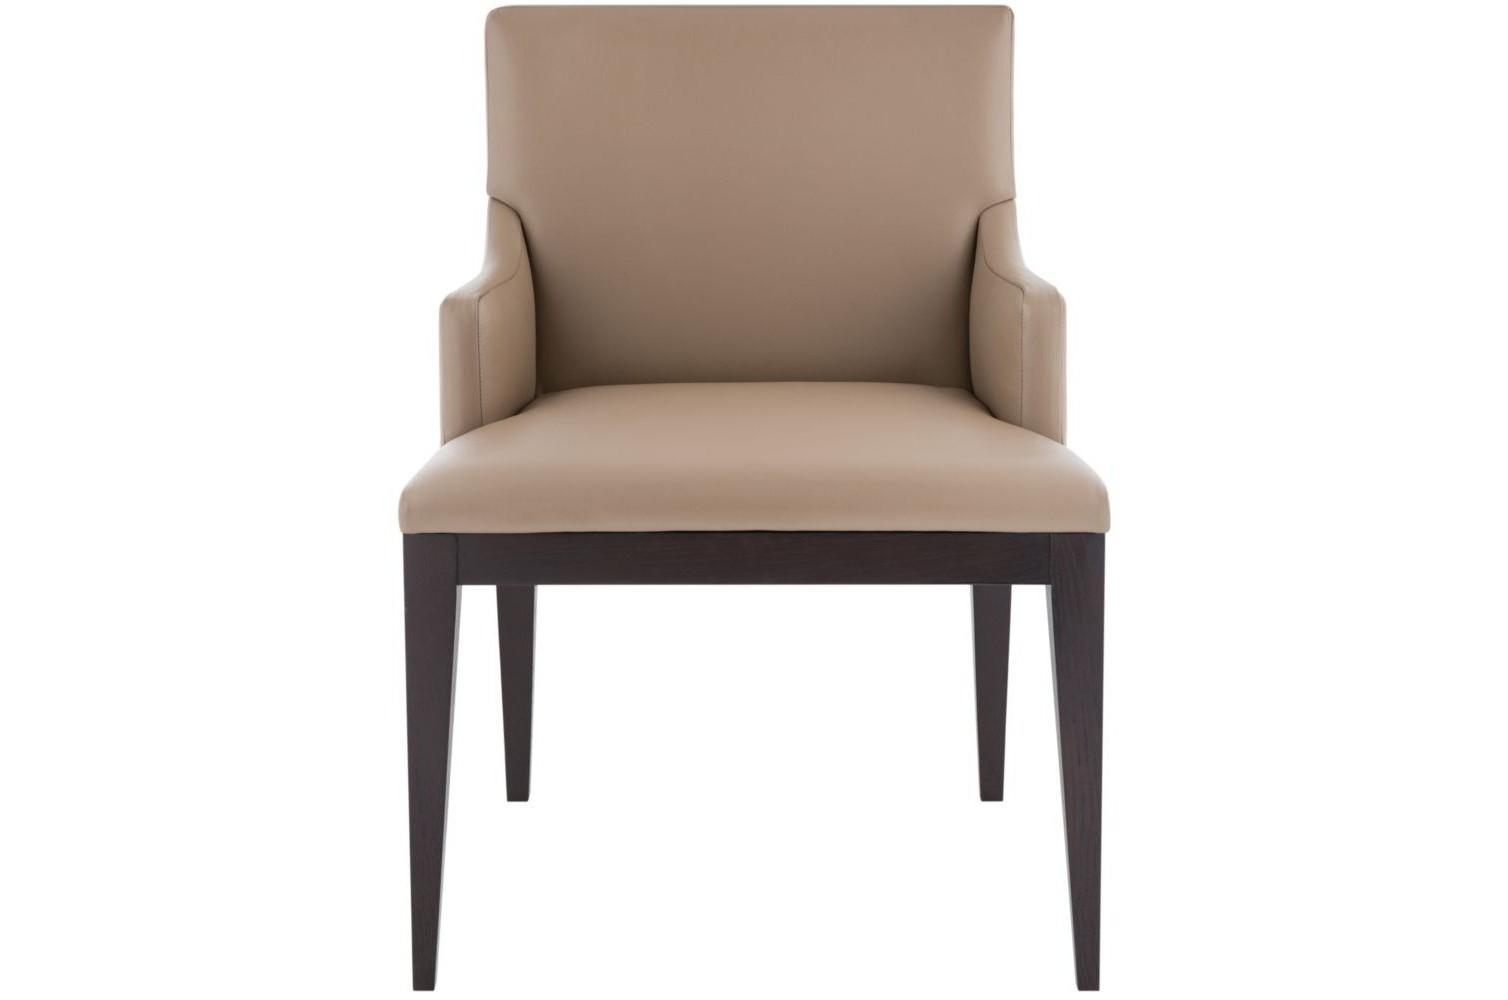 Стул с подлокотникамиОбеденные стулья<br><br><br>Material: Кожа<br>Ширина см: 61.0<br>Высота см: 88.0<br>Глубина см: 58.0